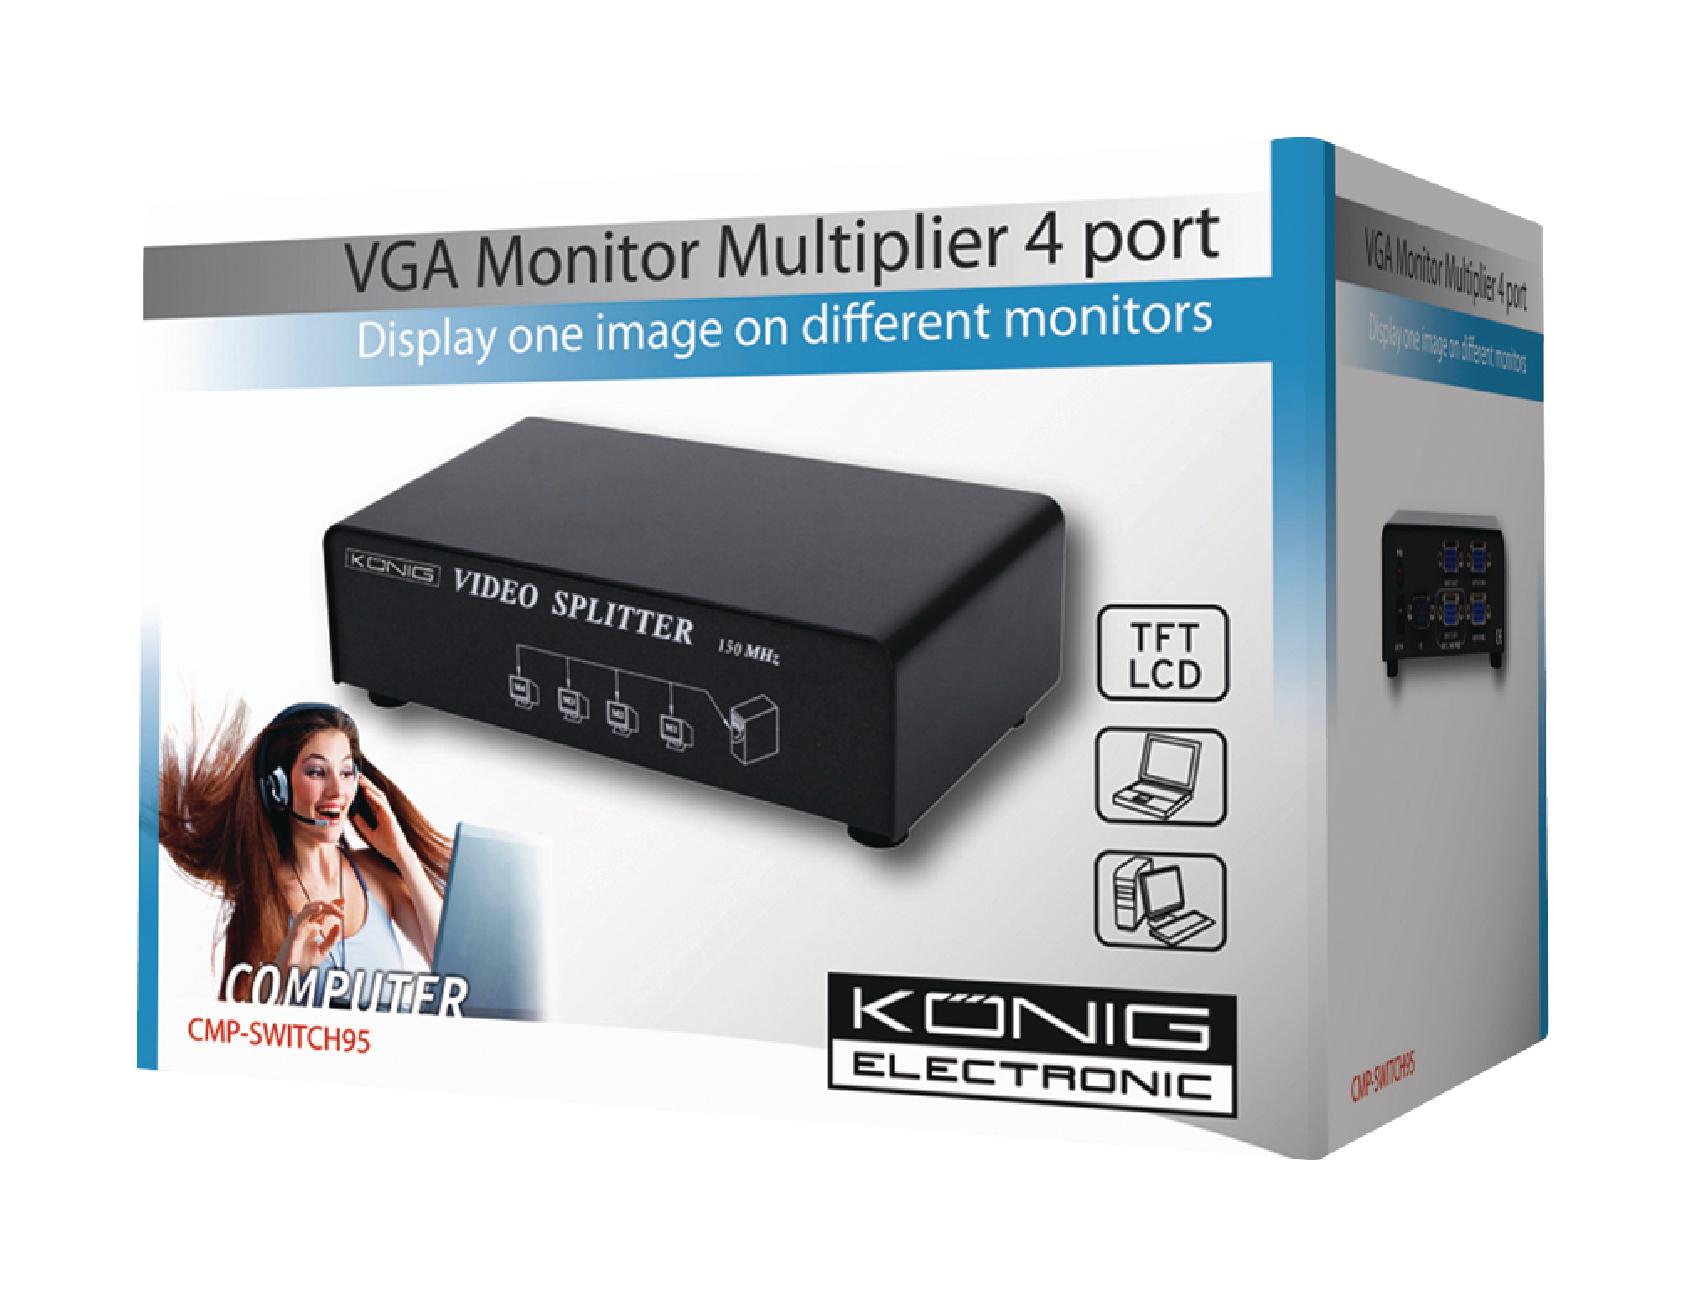 Cmp Switch95 Knig Vga Splitter Male 4x Female Black Converter 2 Port Spliter